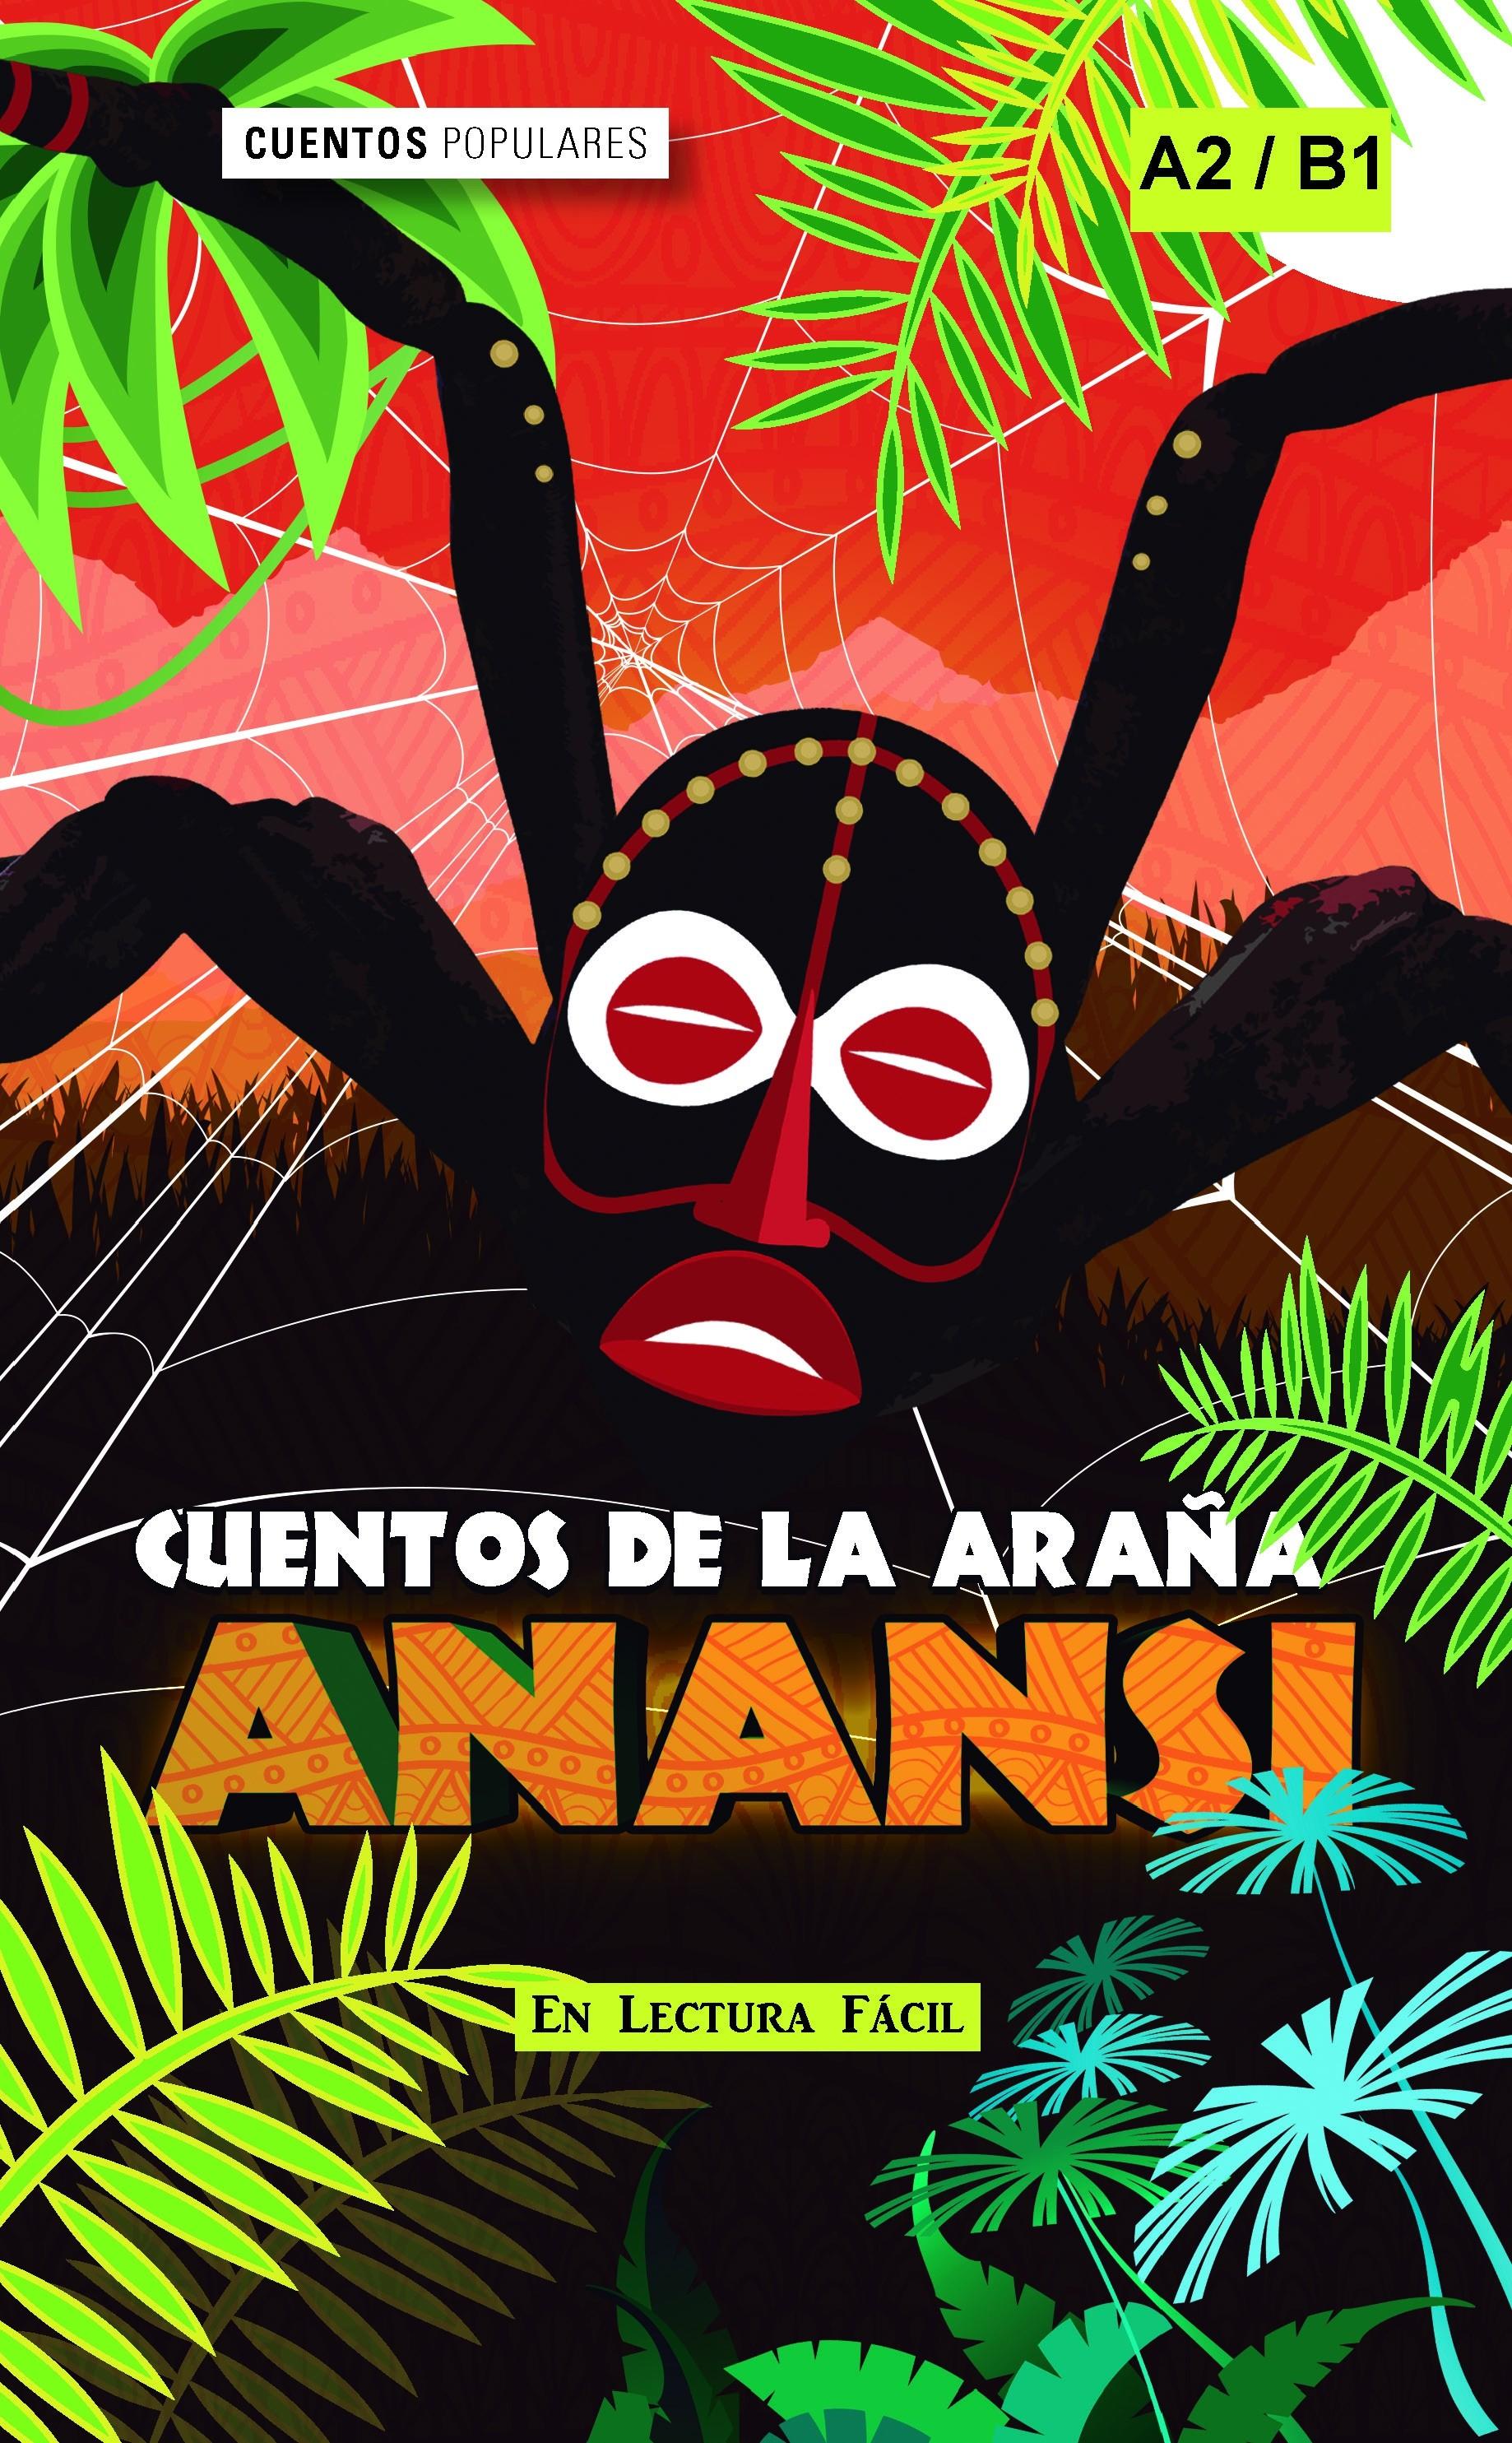 Cuentos de la araña Anansi